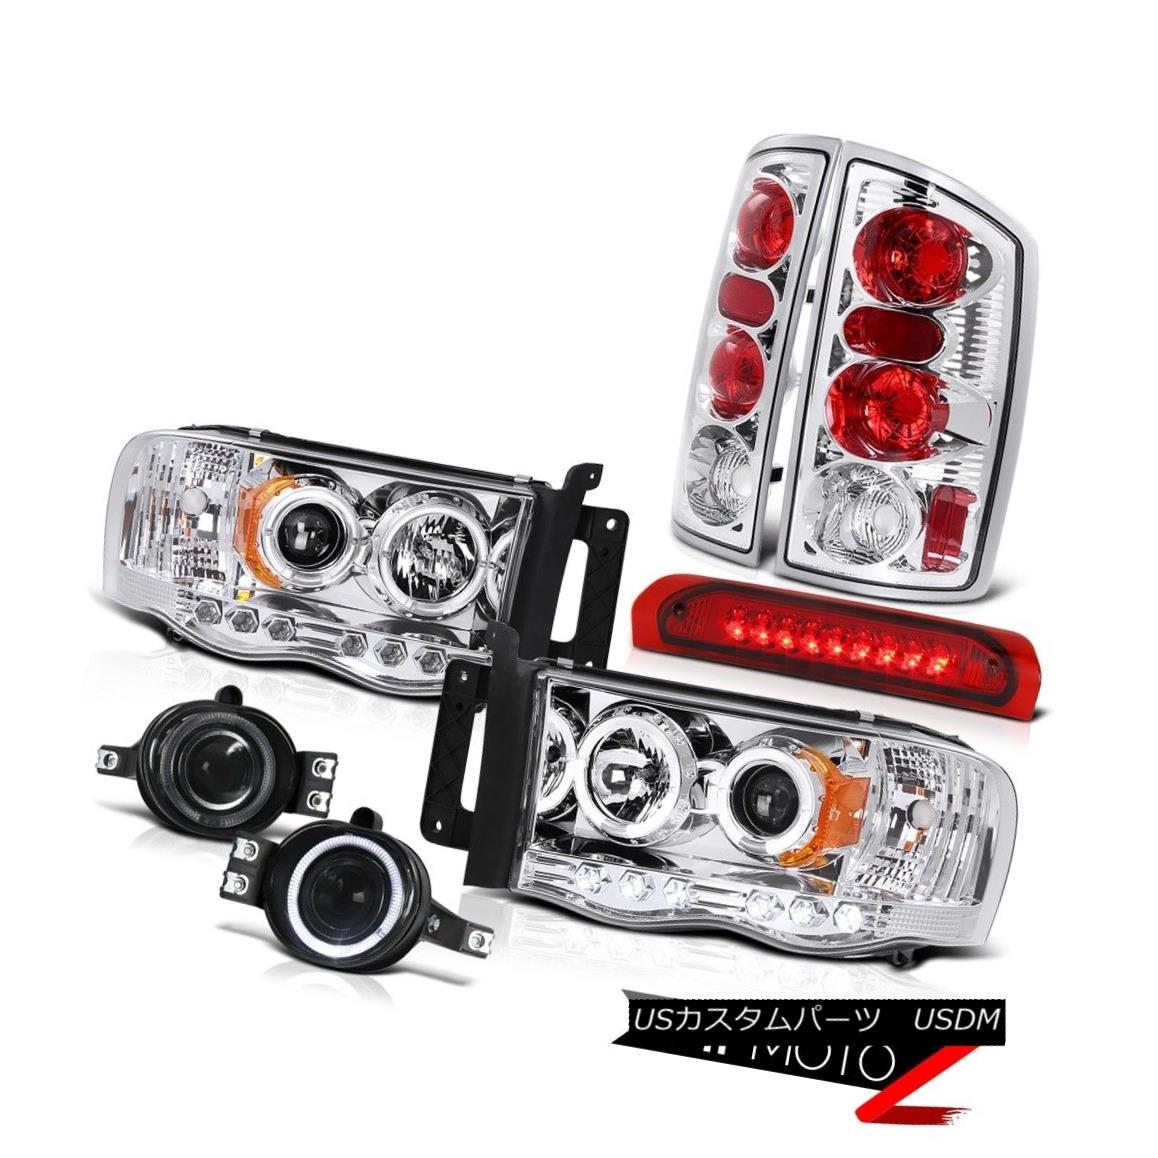 テールライト Halo Projector Headlight+LED 3rd Brake/Tail Lamp+Fog Light Dodge 02-05 RAM Truck ハロープロジェクターヘッドライト+ LED第3ブレーキ/テールランプ+フォグライトドッジ02-05 RAMトラック